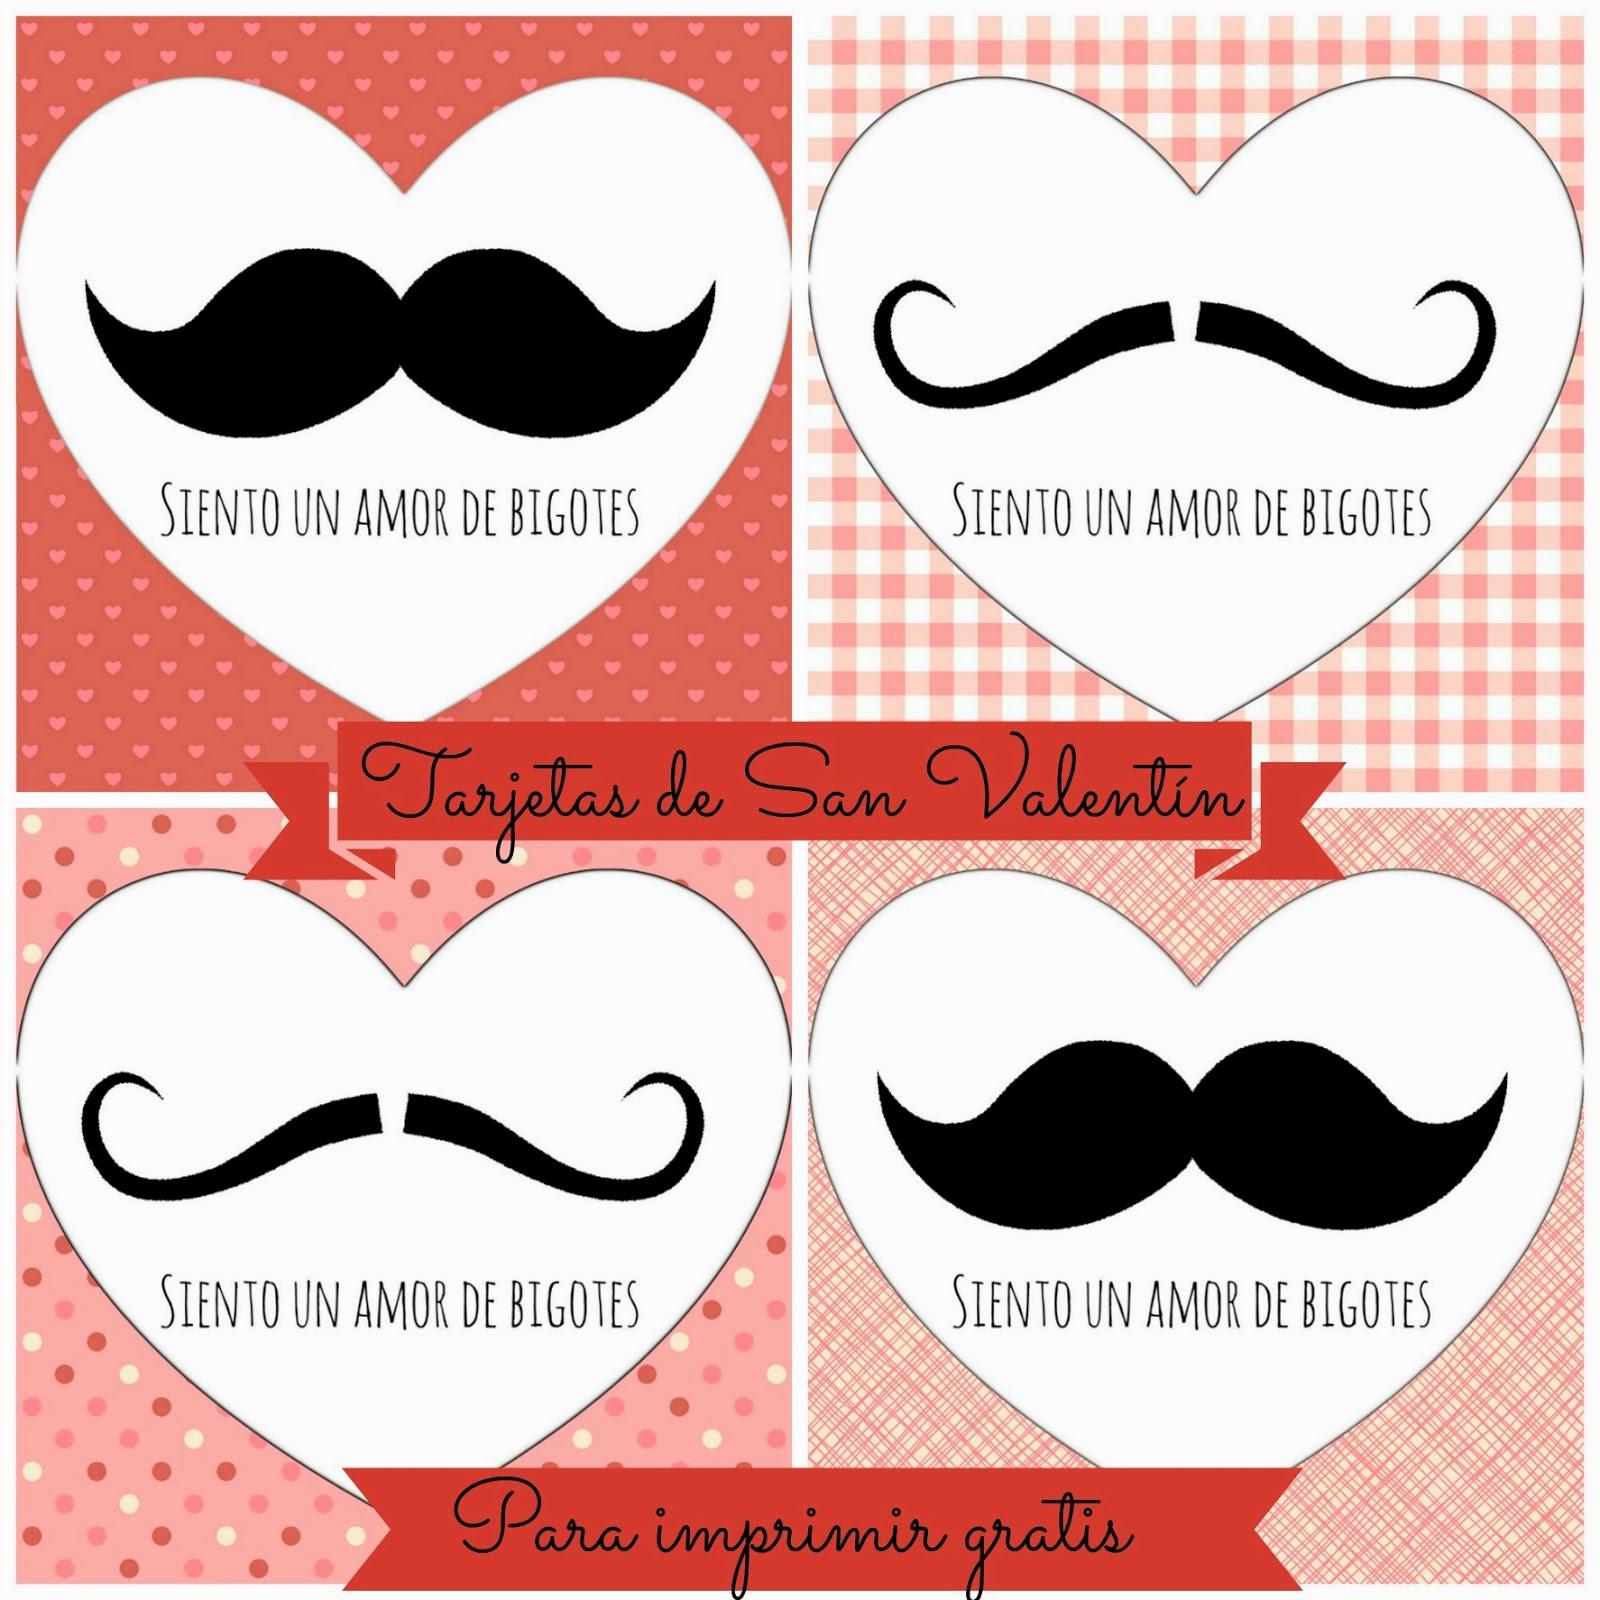 Tarjetas de San Valentín para imprimir. Freebies - Manzanaterapia